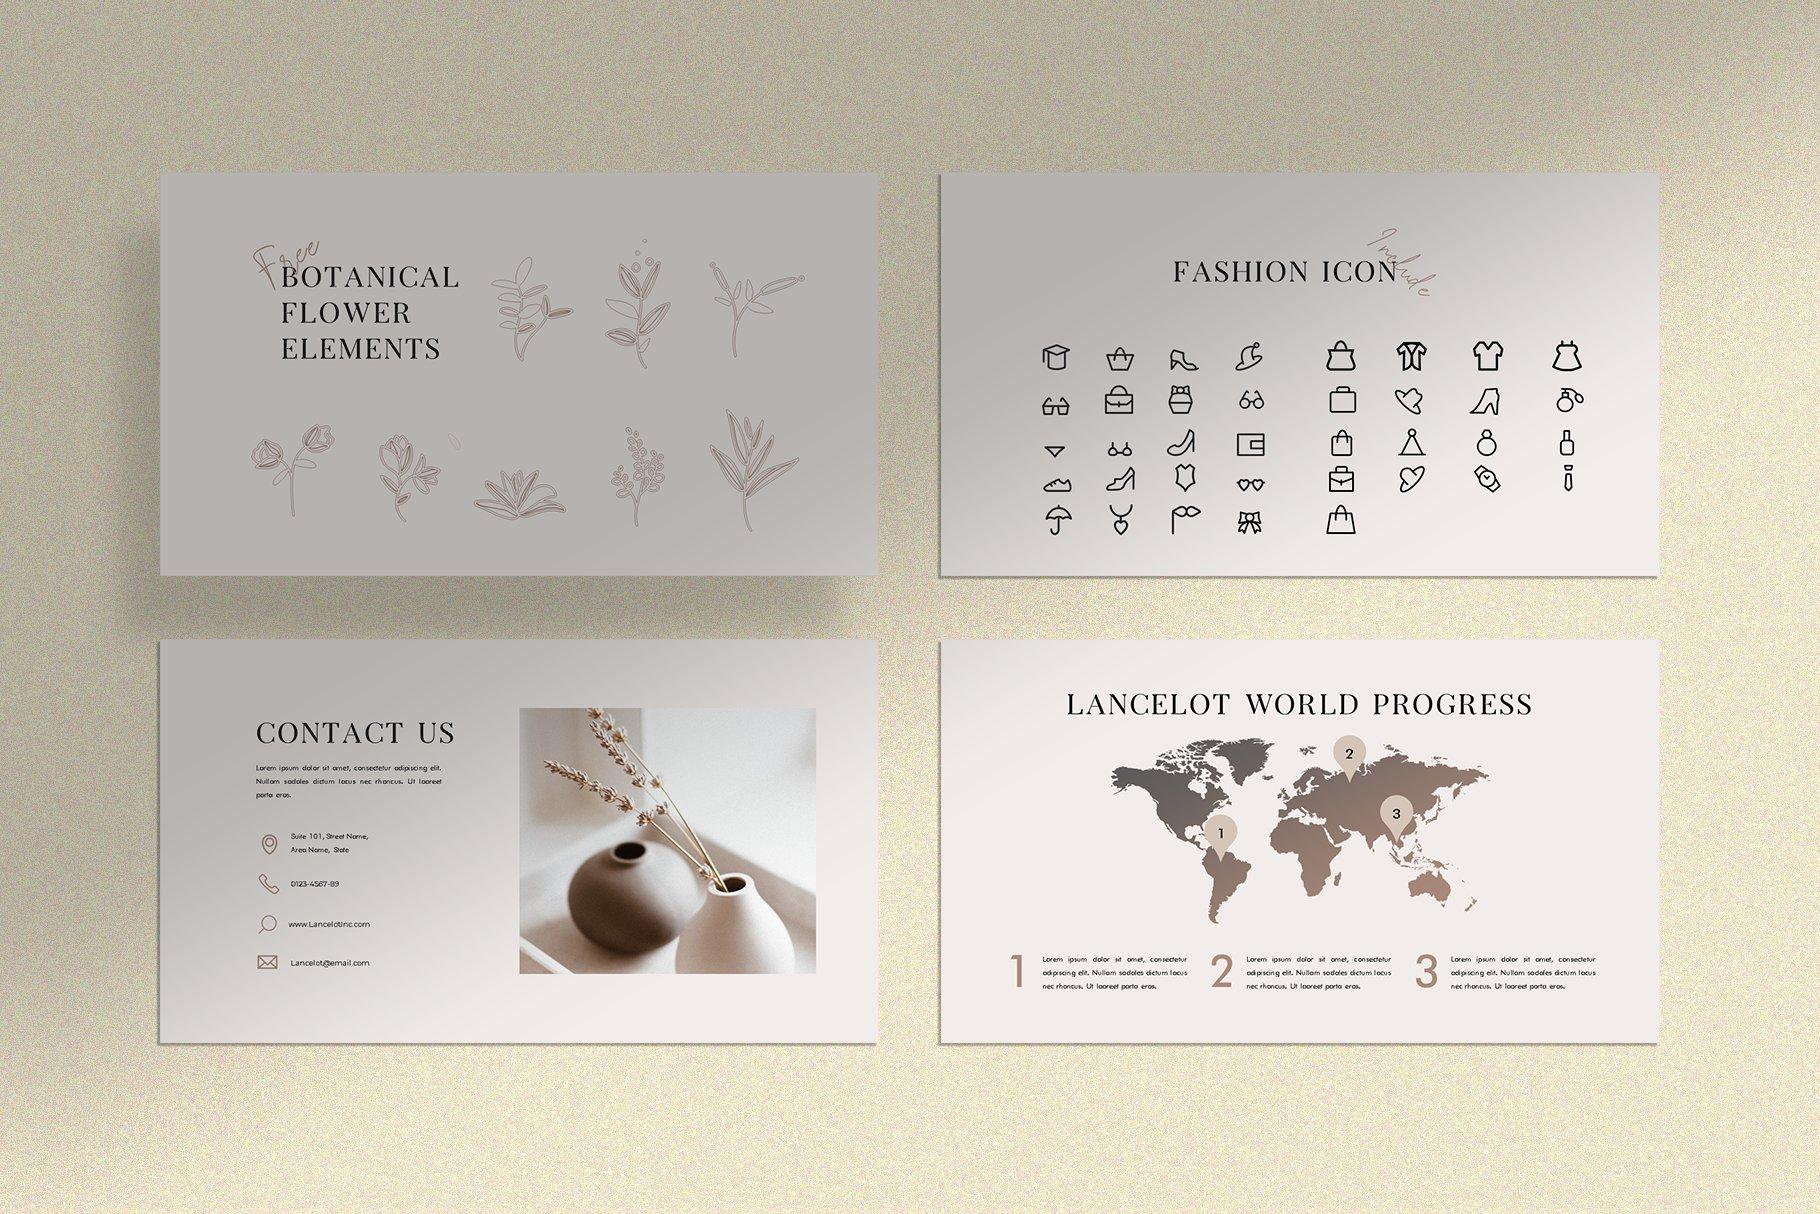 时尚简约女性服装摄影作品集PPT幻灯片模板 Lancelot Presentation Template插图(8)